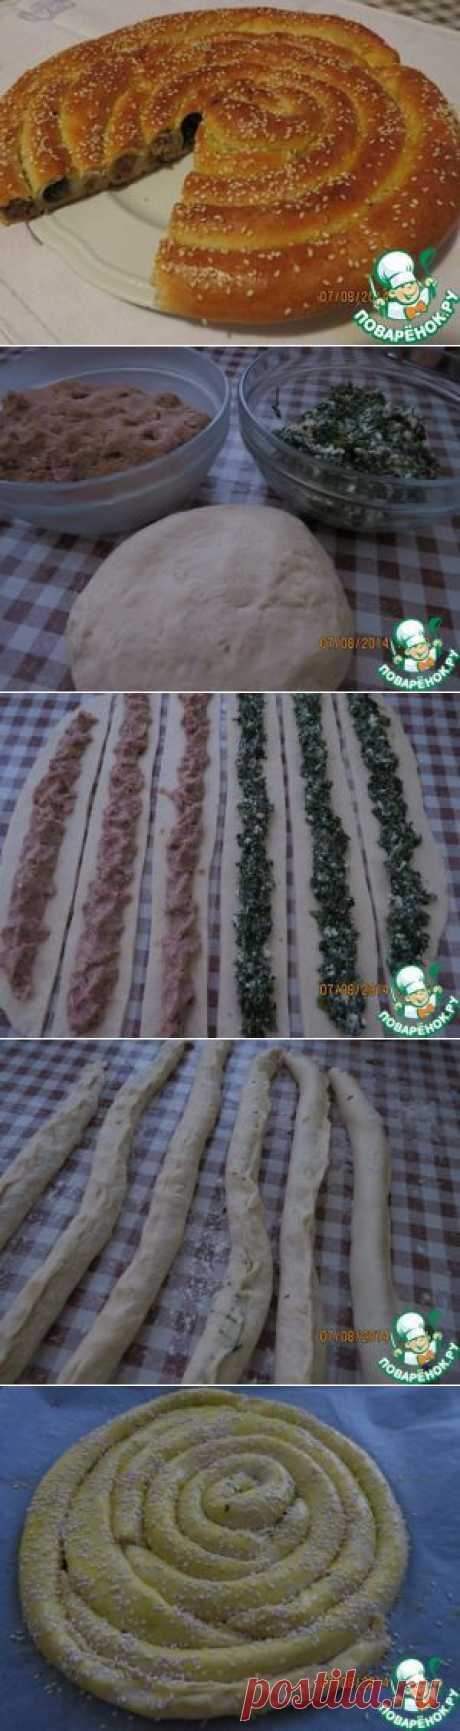 Спиральный пирог с начинкой - кулинарный рецепт